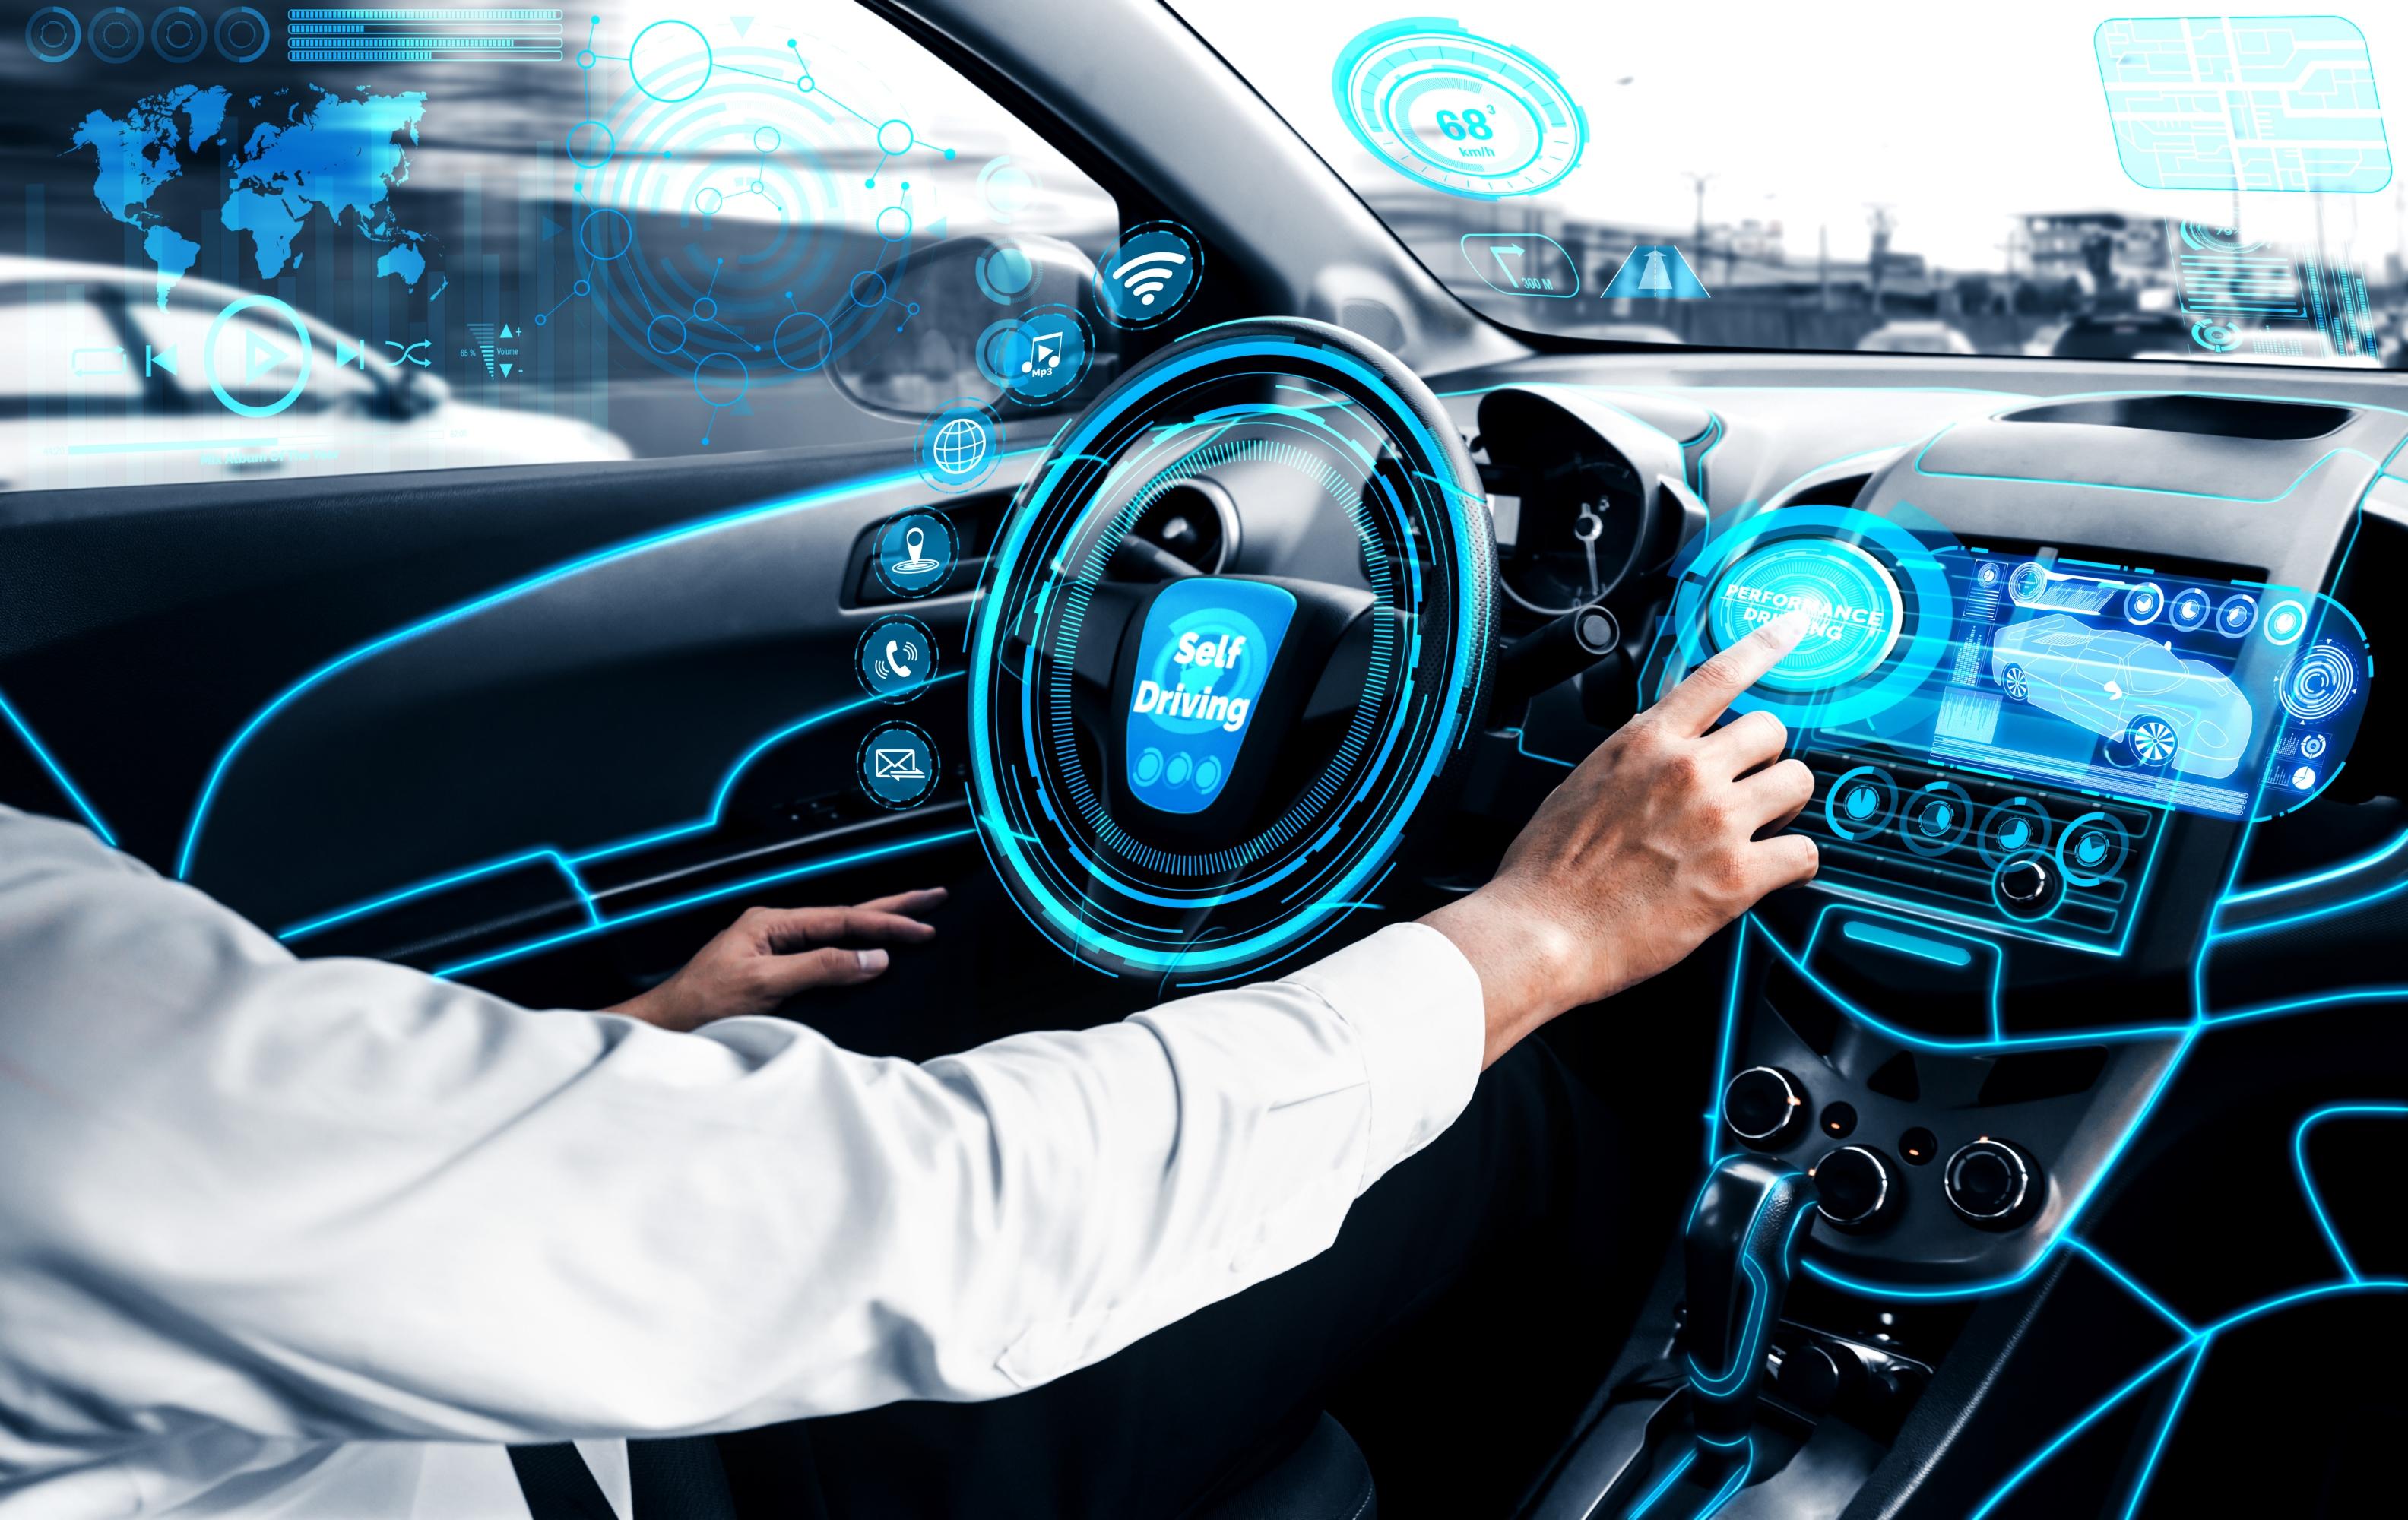 Five Connectivity Requirements for V2X Autonomous Vehicle Technology